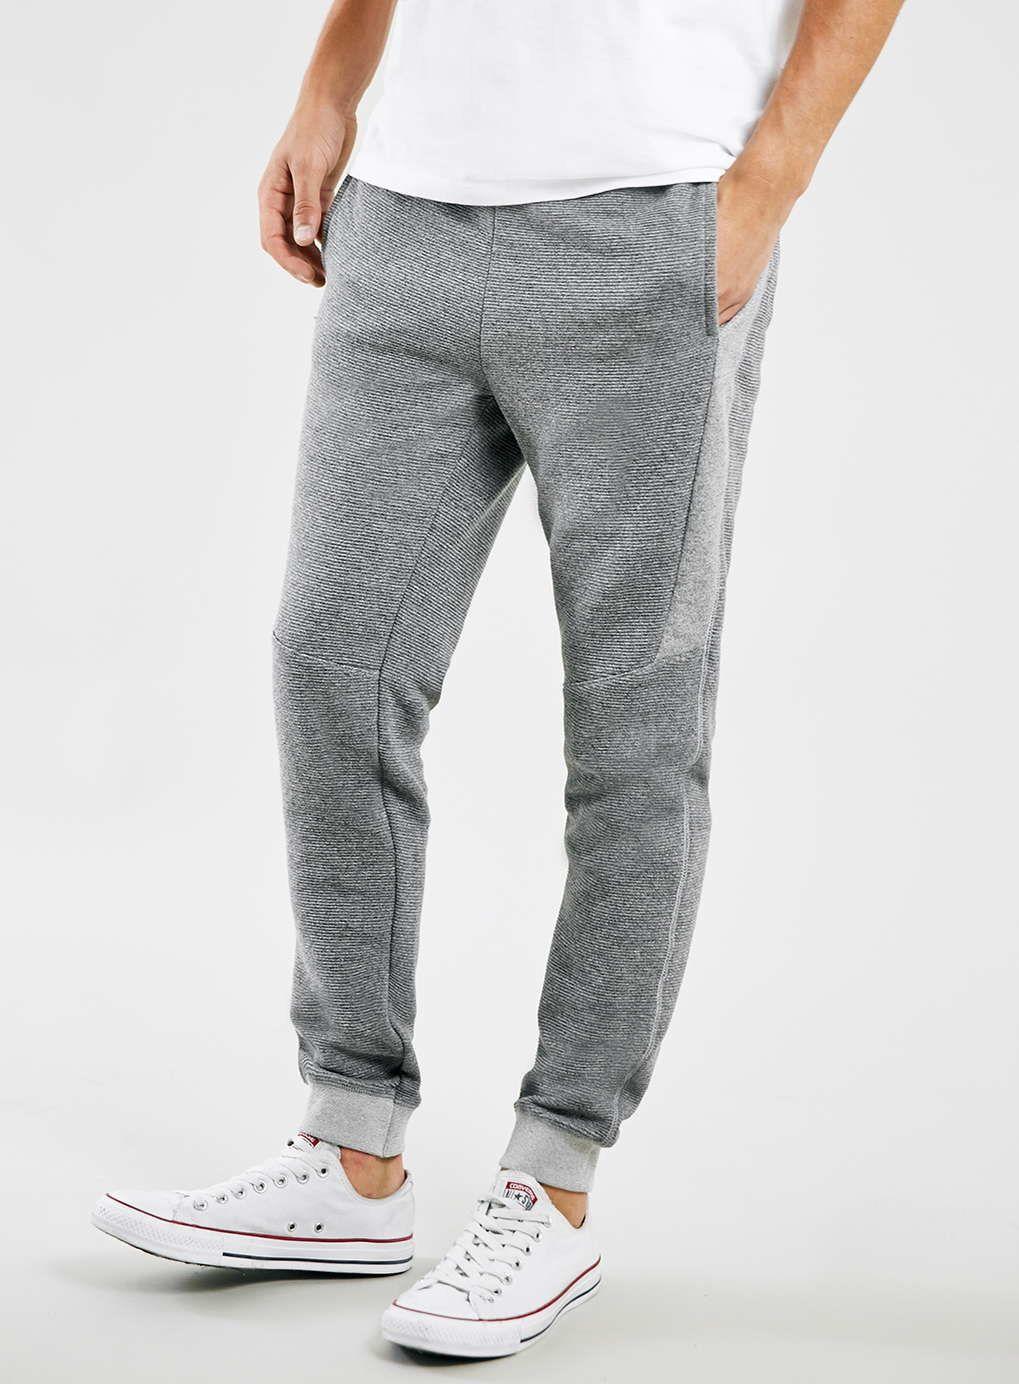 1019x1384 Jeans Clipart Sweat Pants